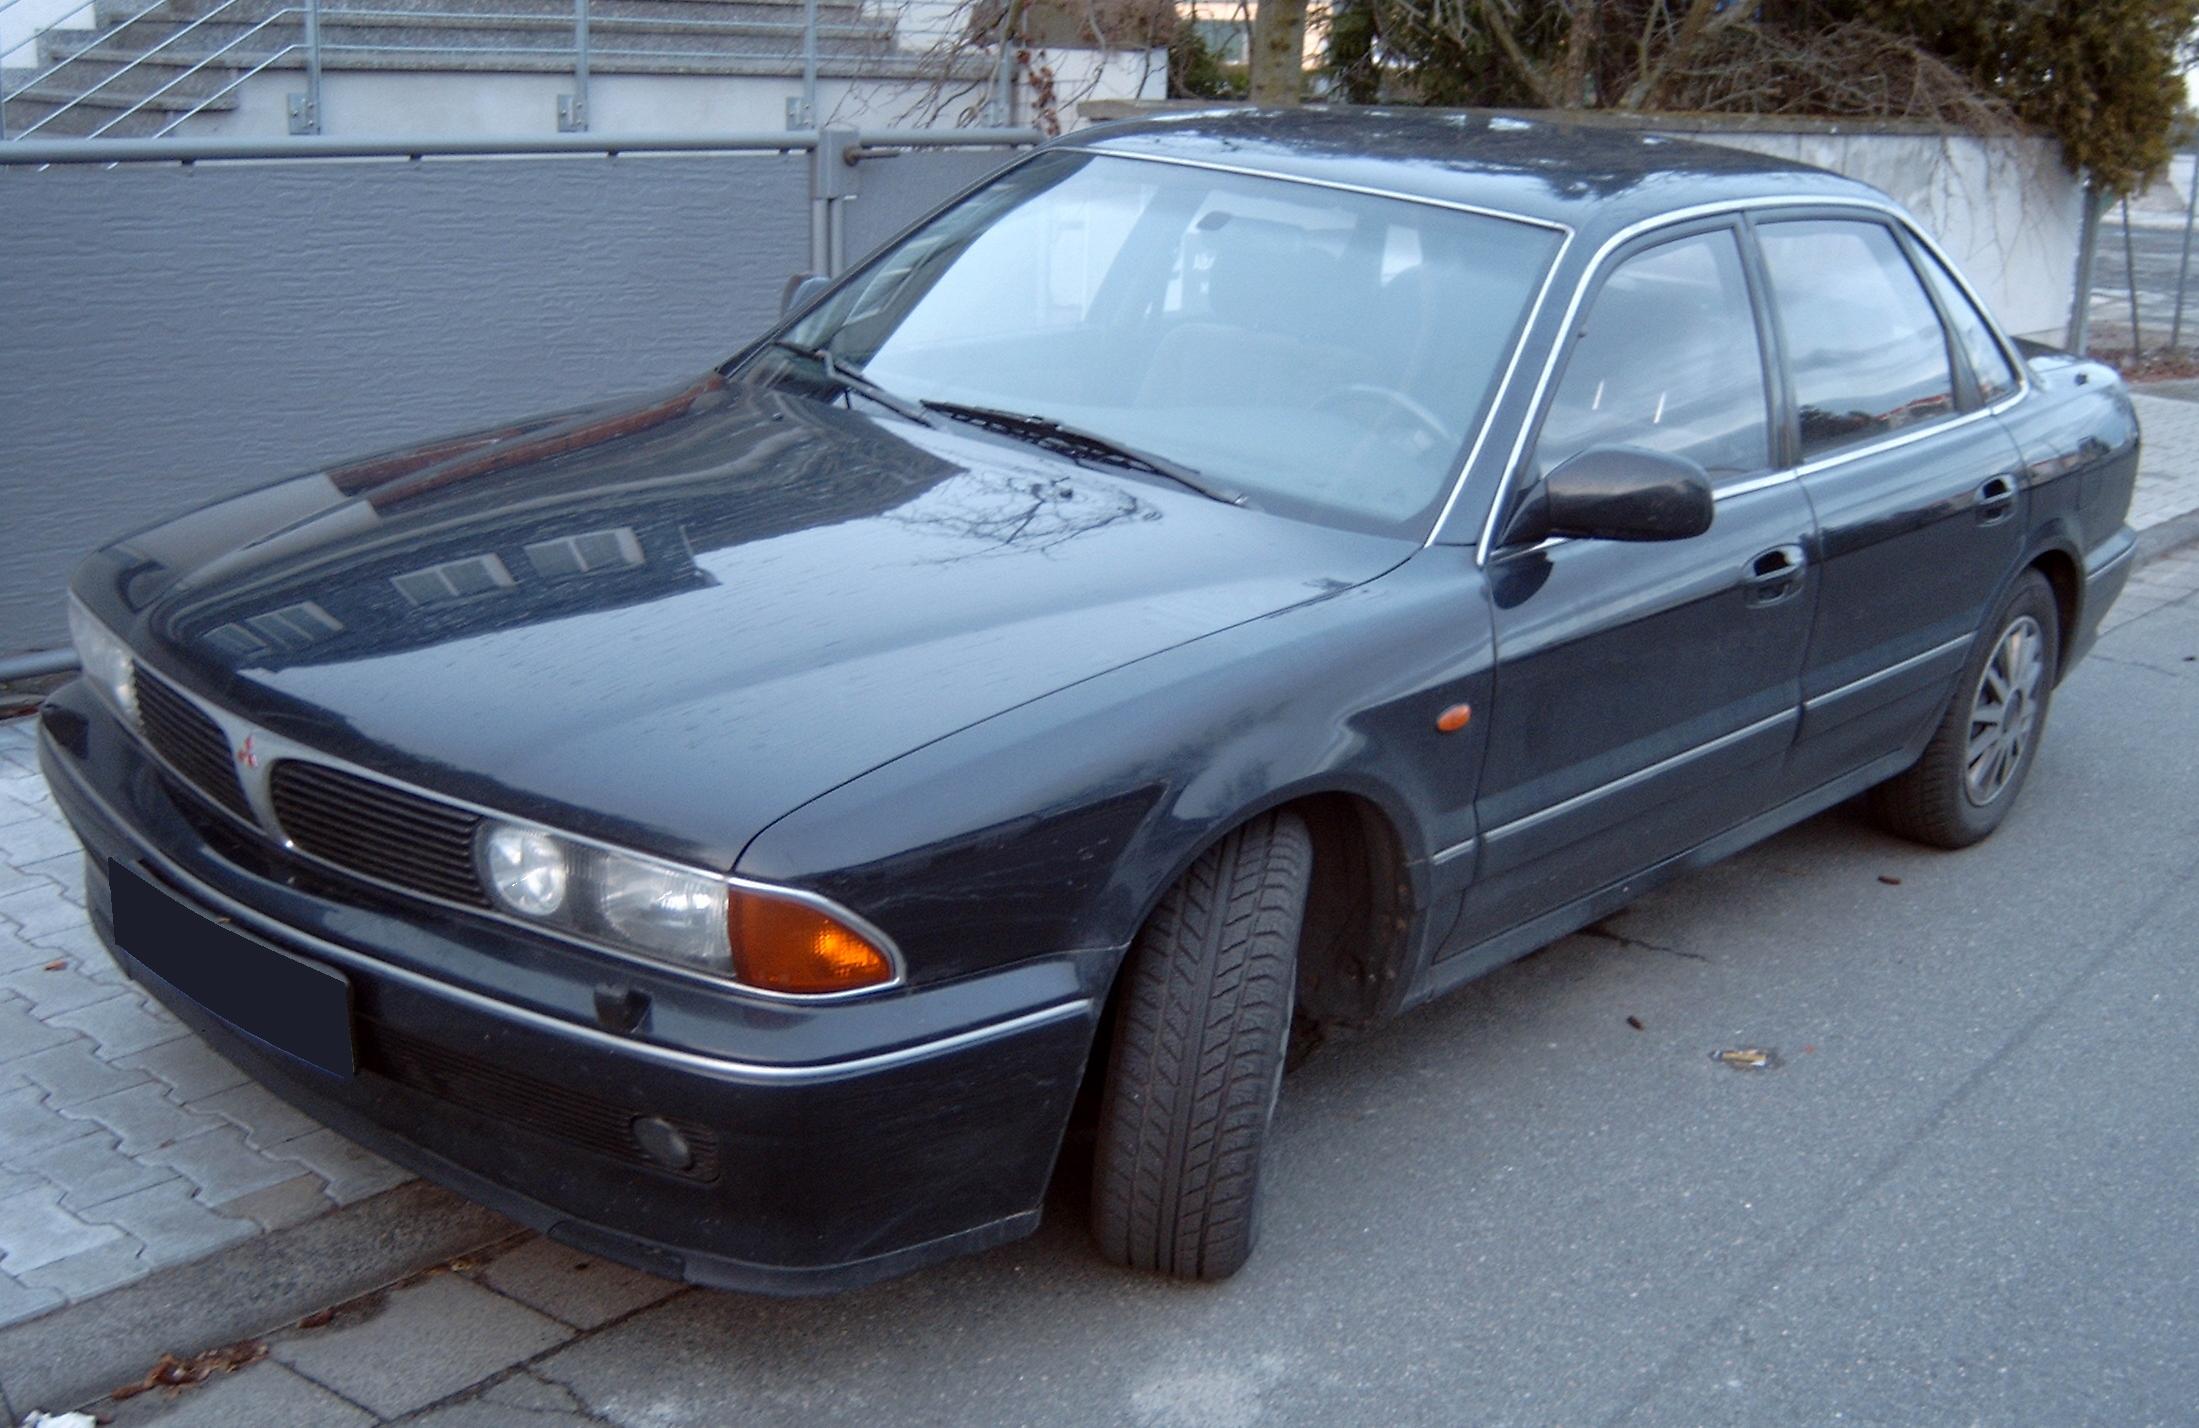 Mitsubishi Galant VII 1992 - 1996 Sedan #3